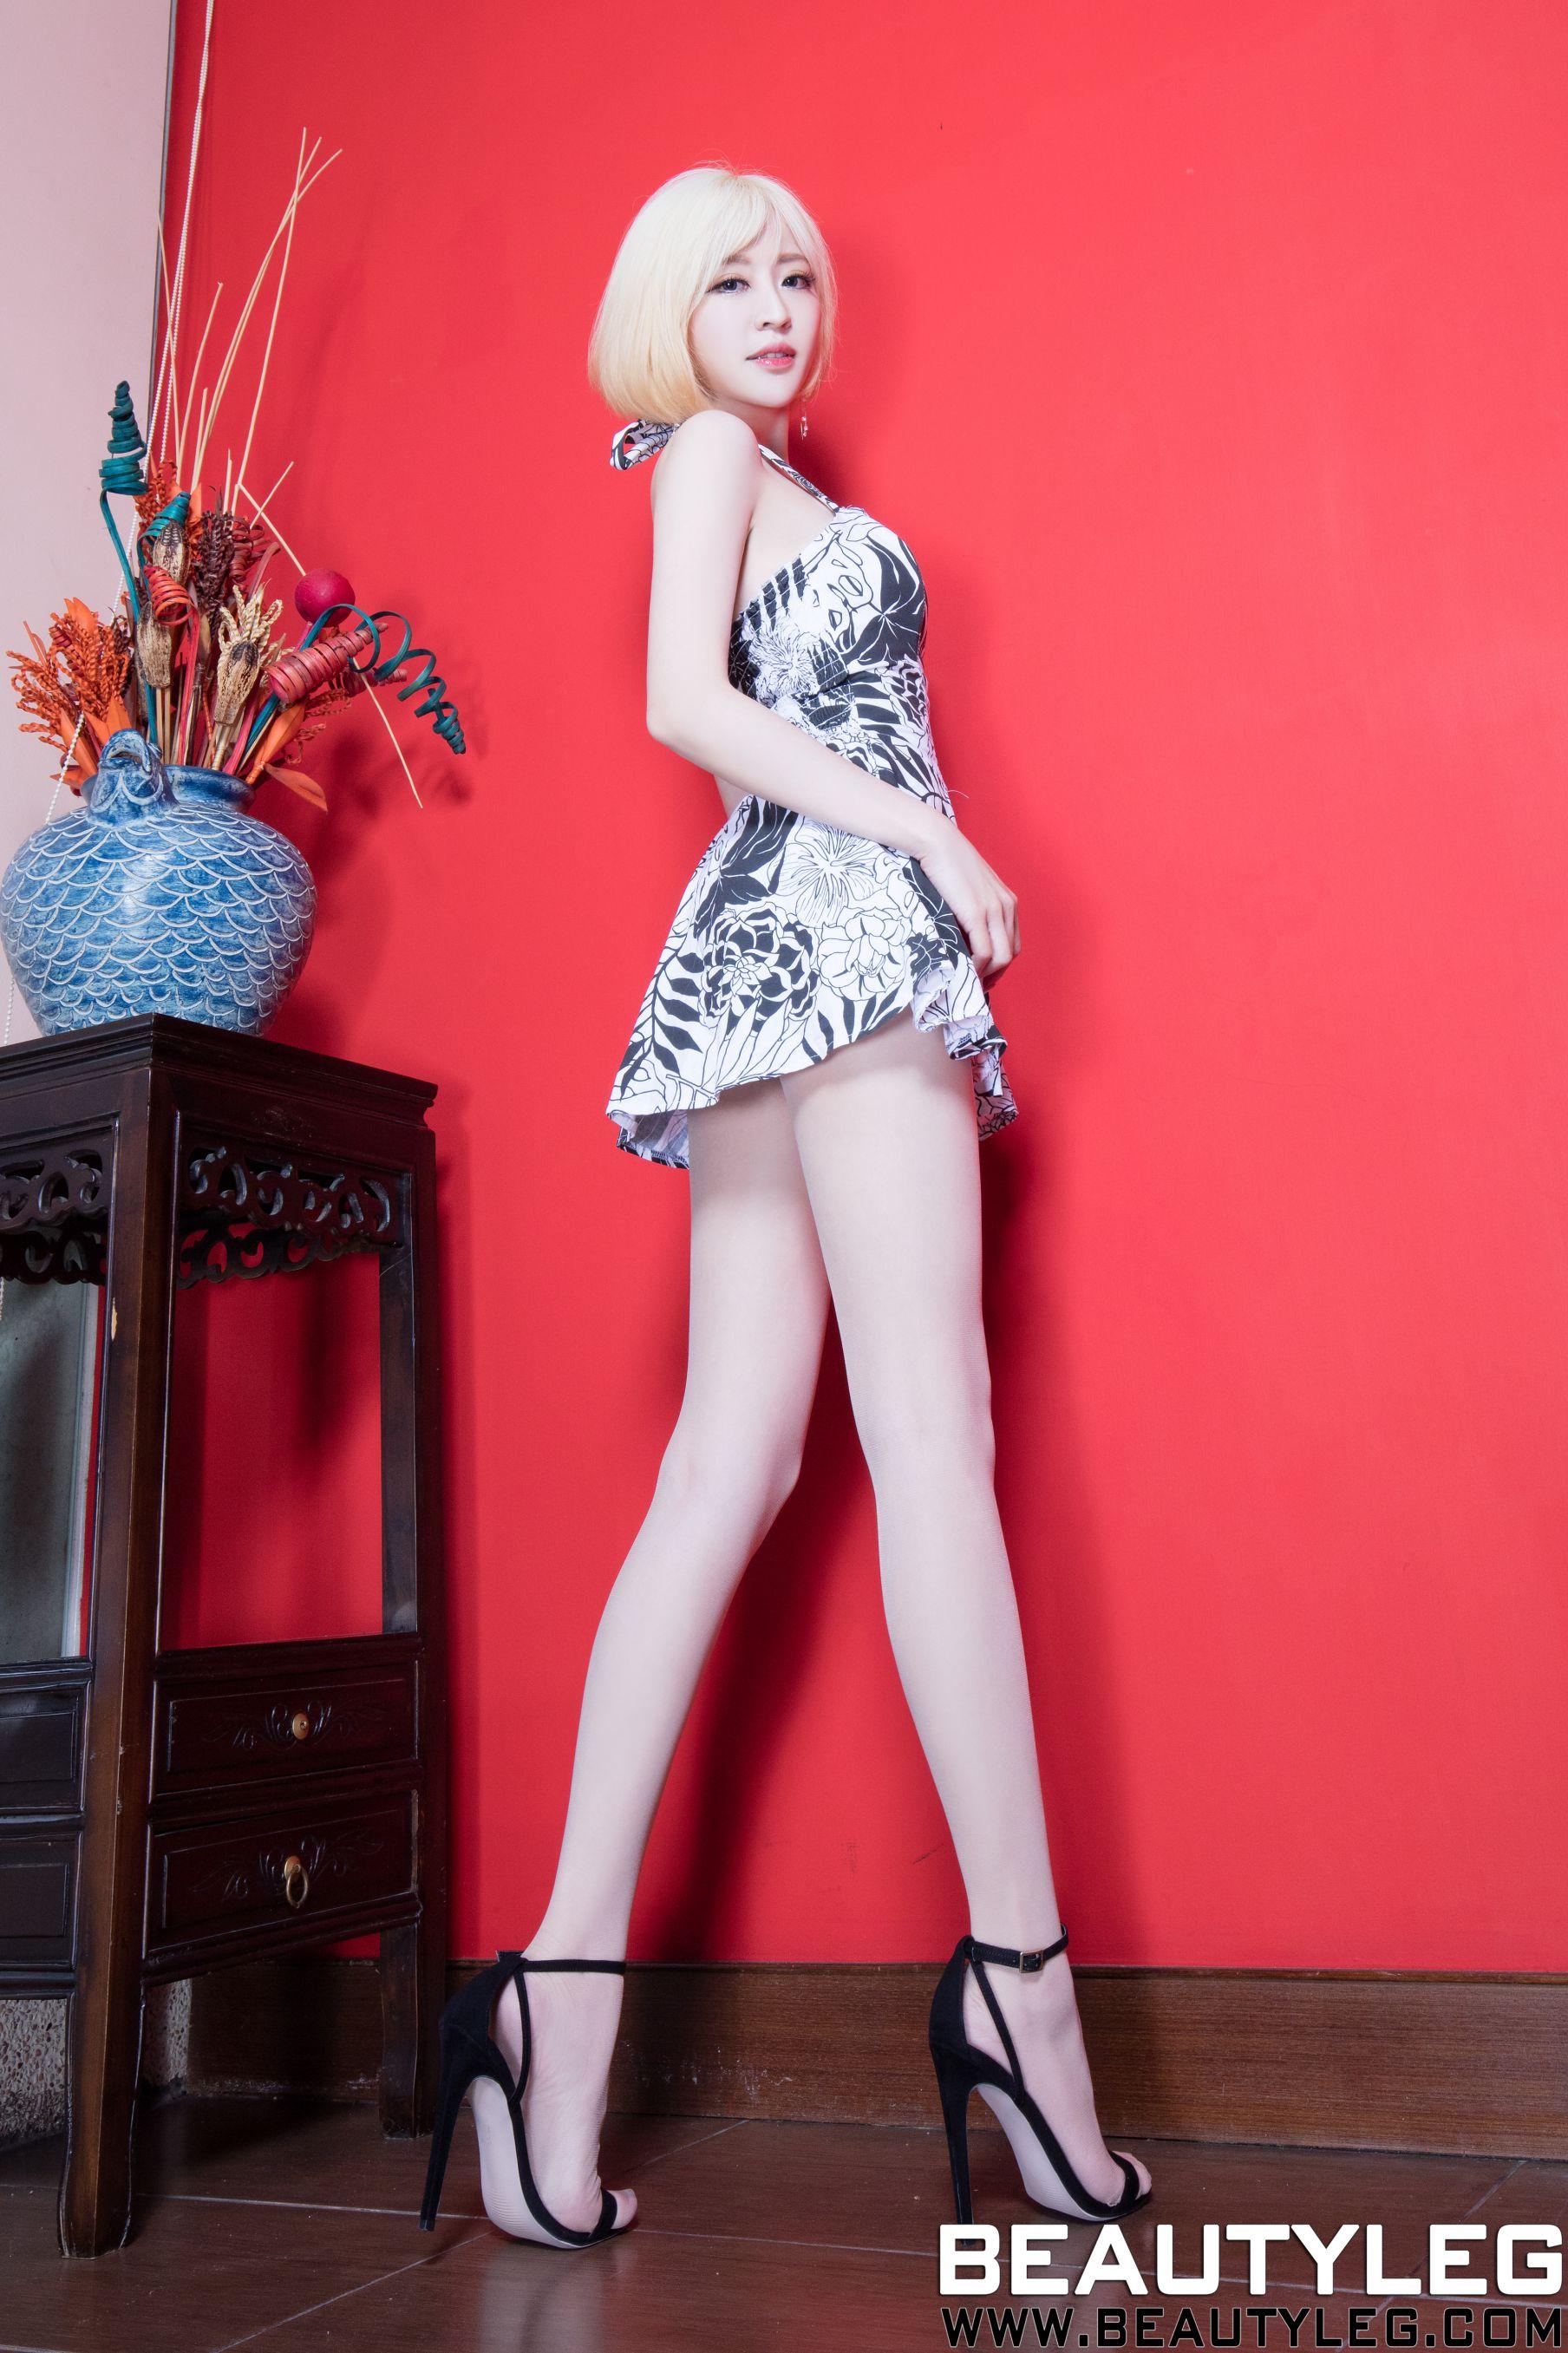 VOL.500 [Beautyleg]腿模高跟美腿:倪千凌(腿模Lucy,陈佳筠)高品质写真套图(49P)